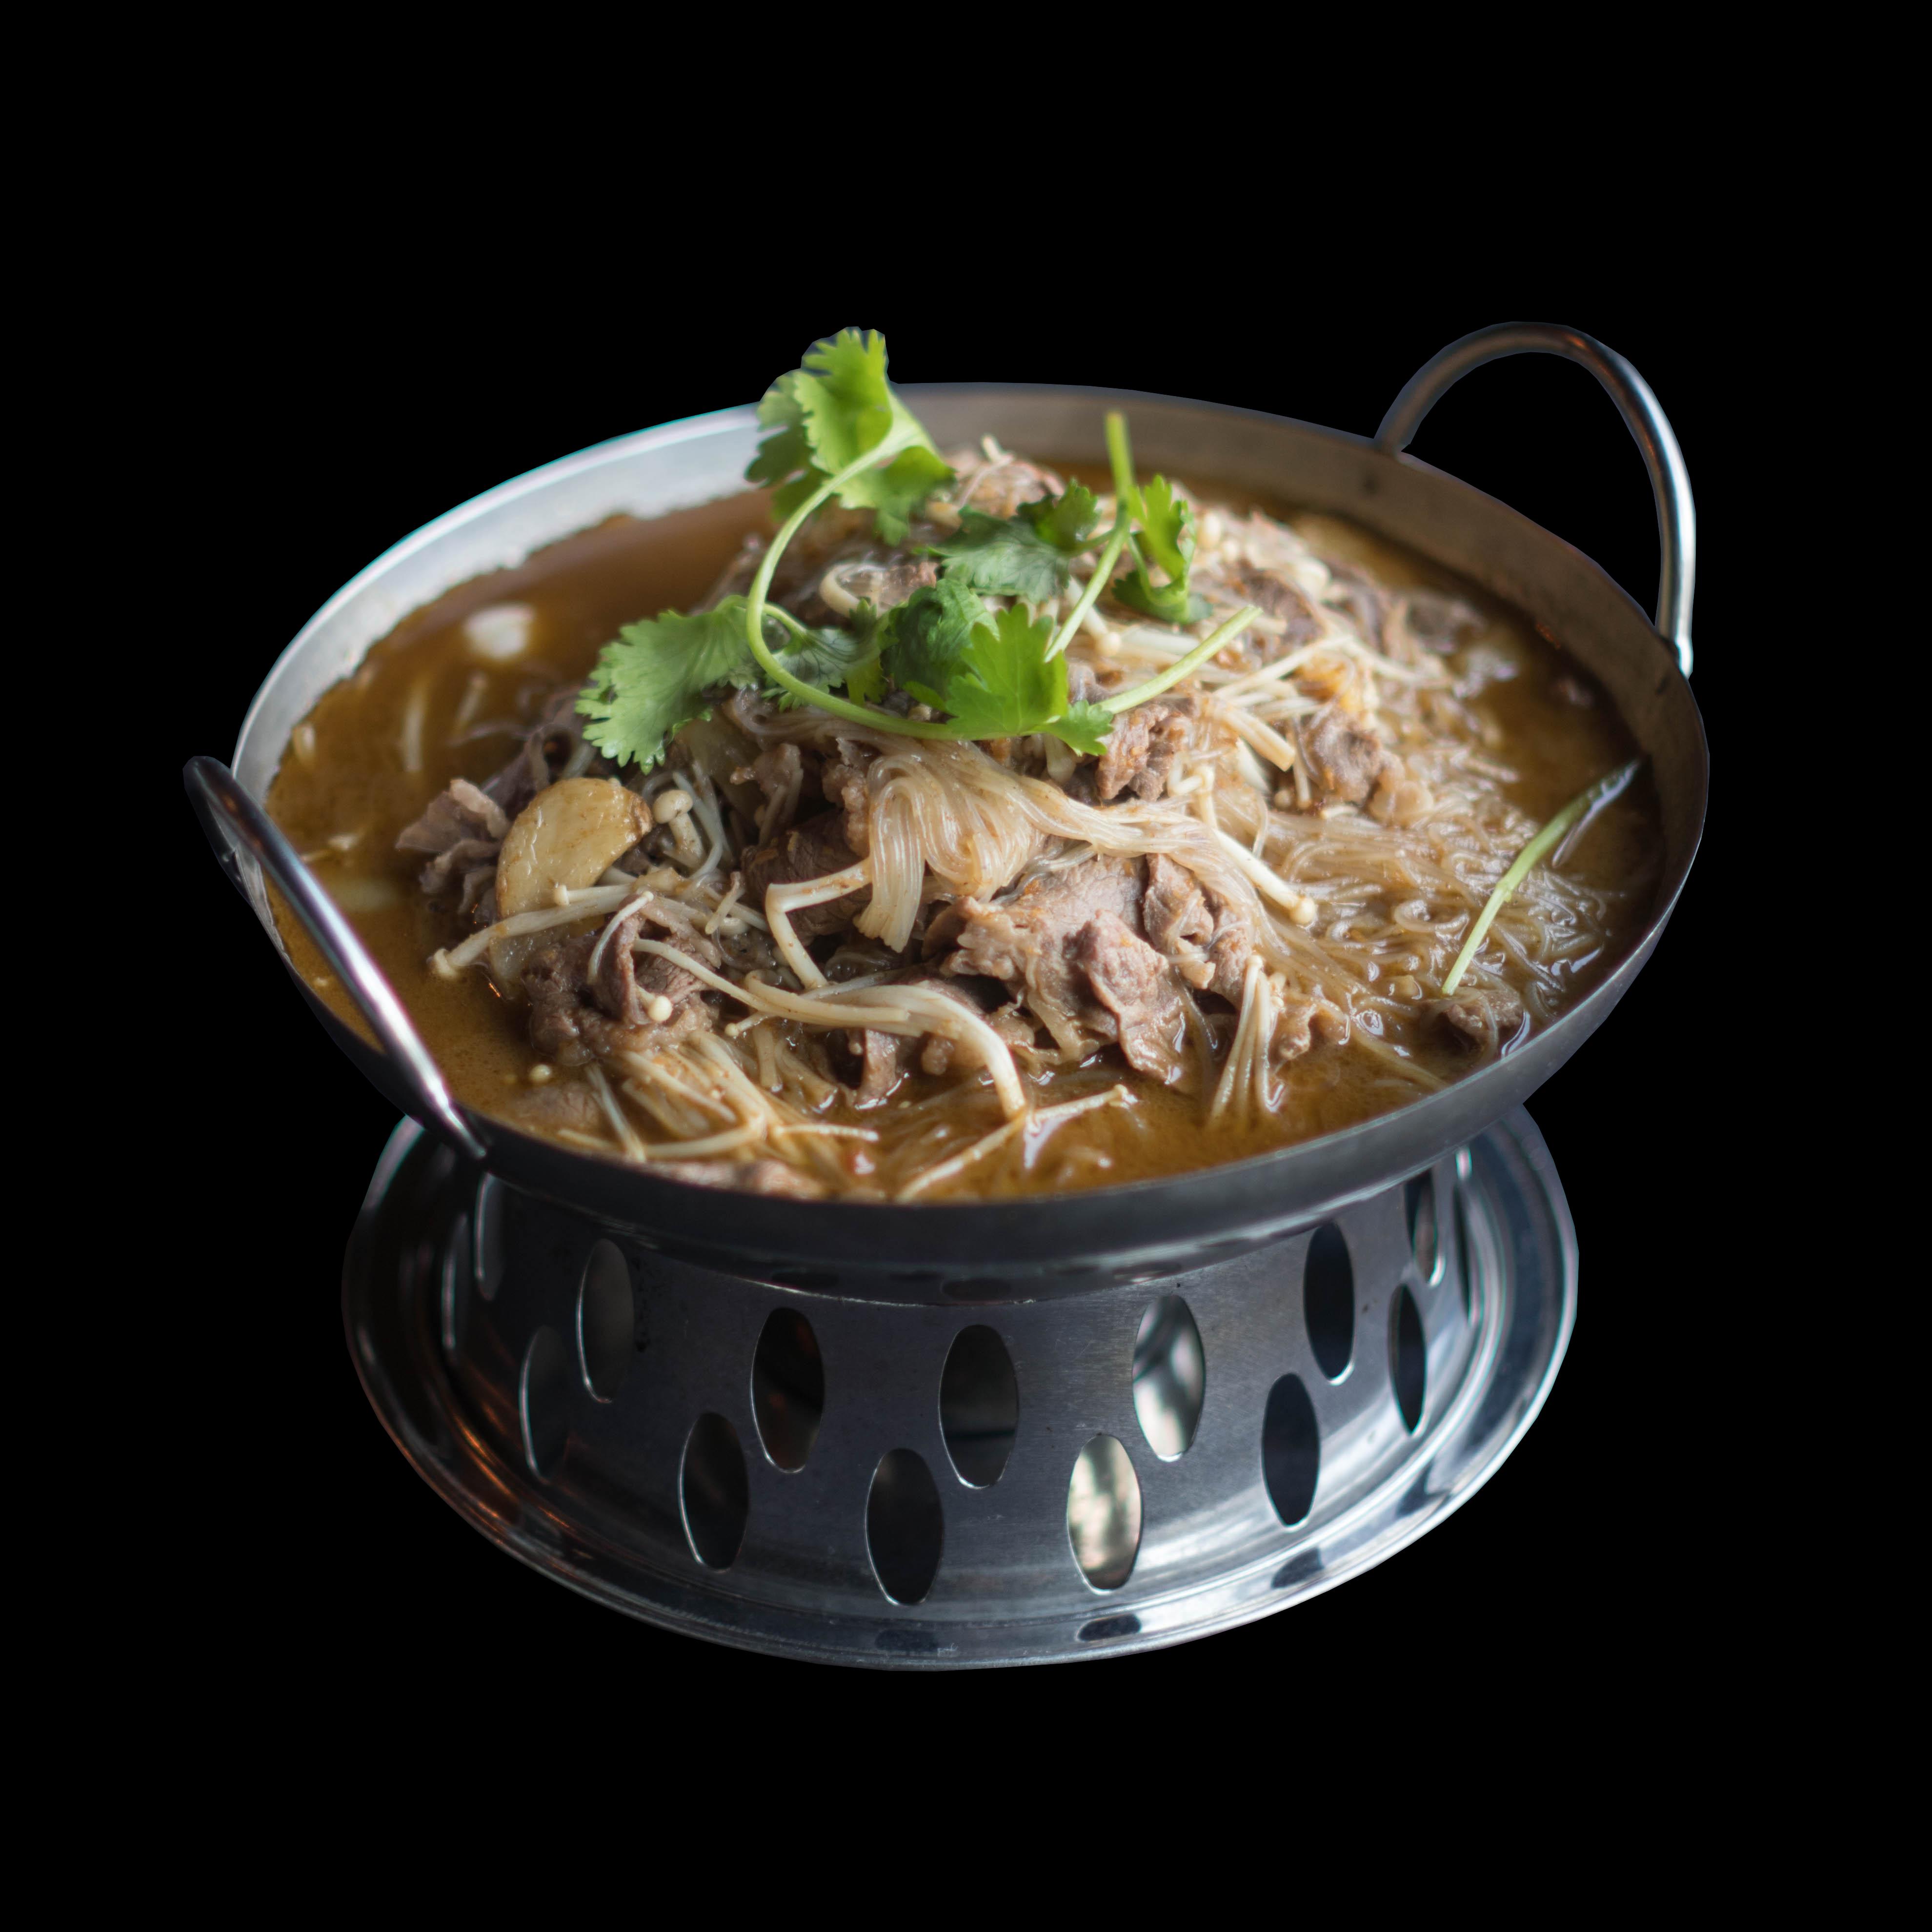 95. 沙爹肥牛粉丝煲 Sauteed Beef  Shabu Shabu Style Image